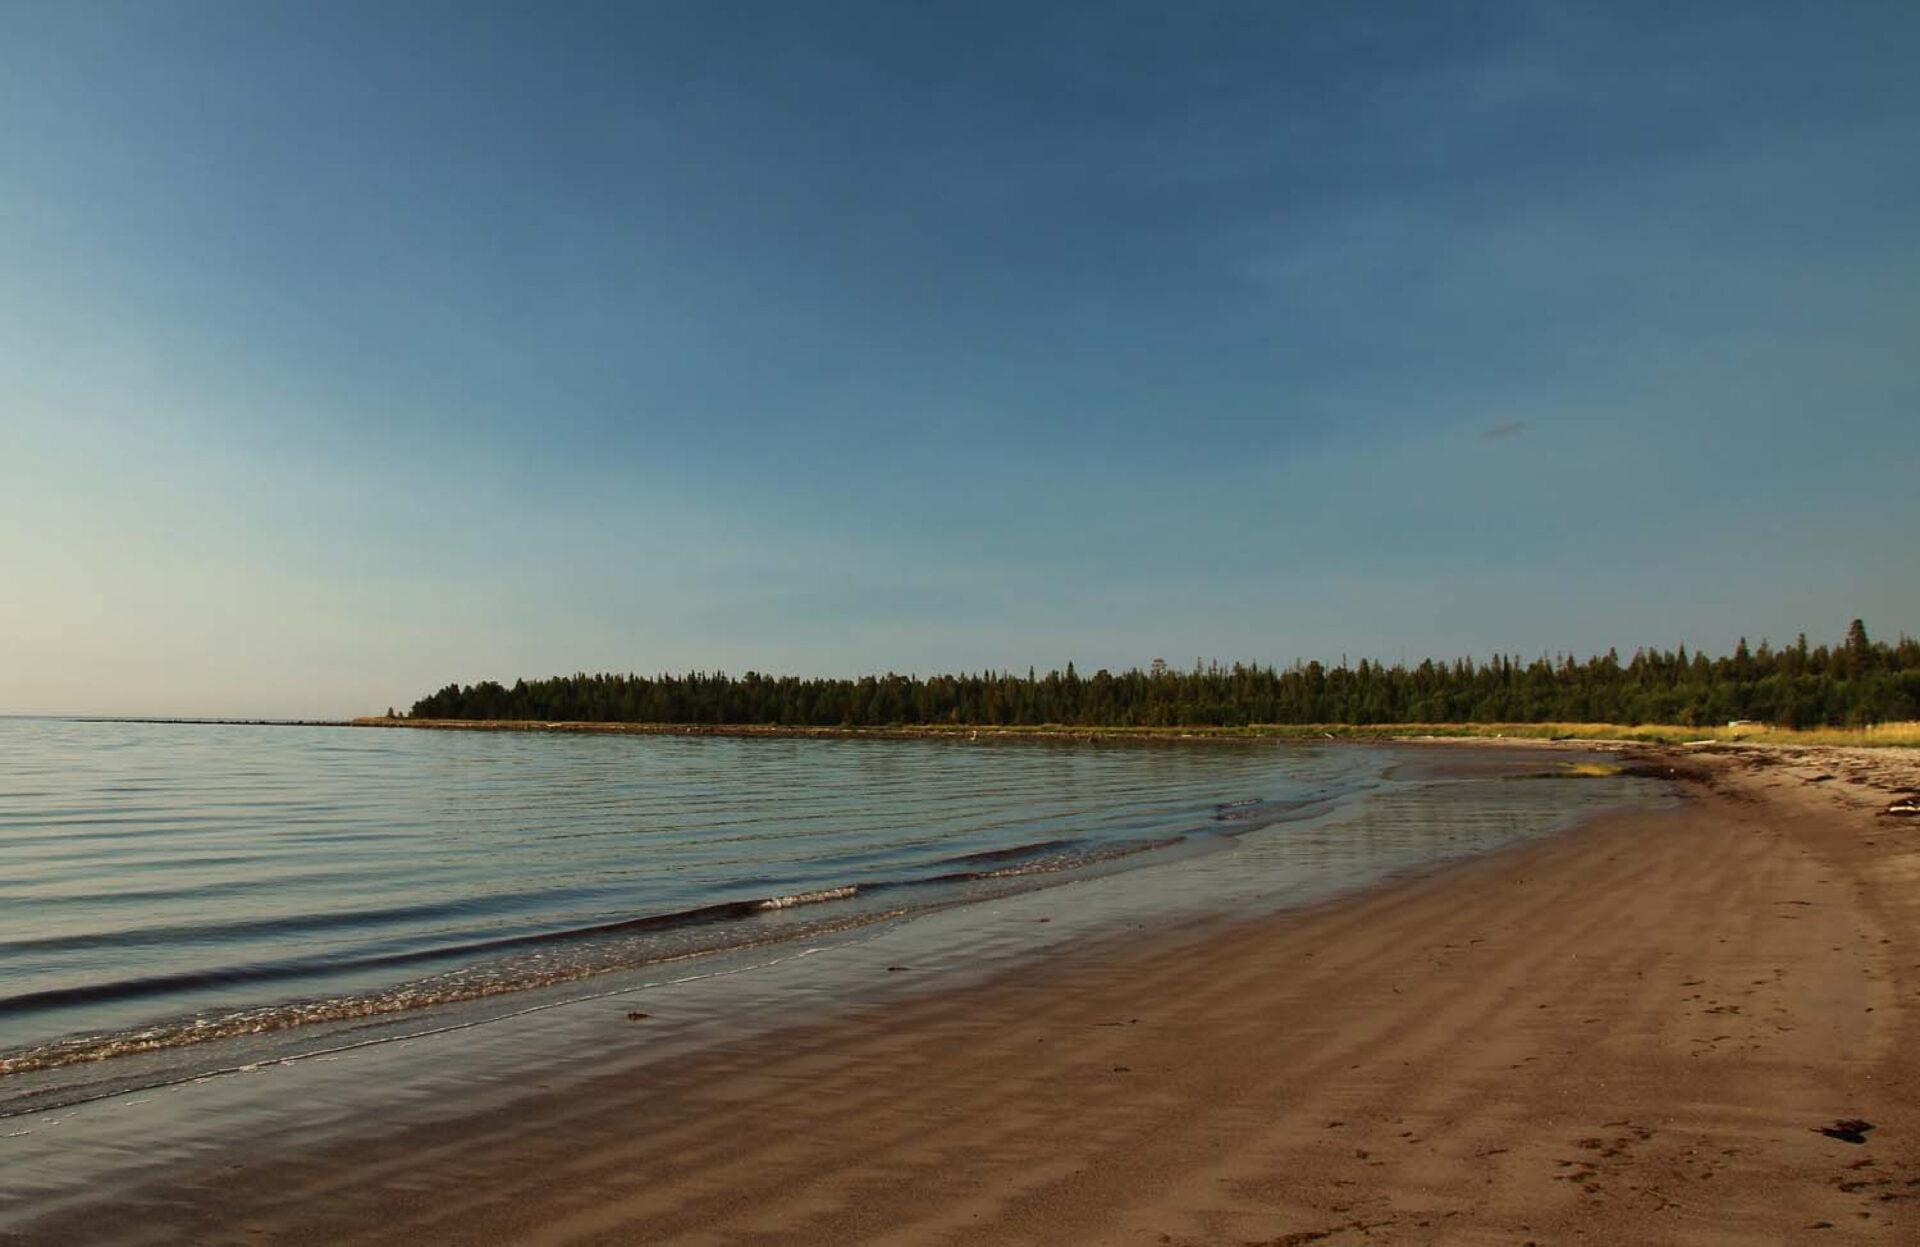 Вперед, ксуровым северным красотам! (Часть 10) Терский берег